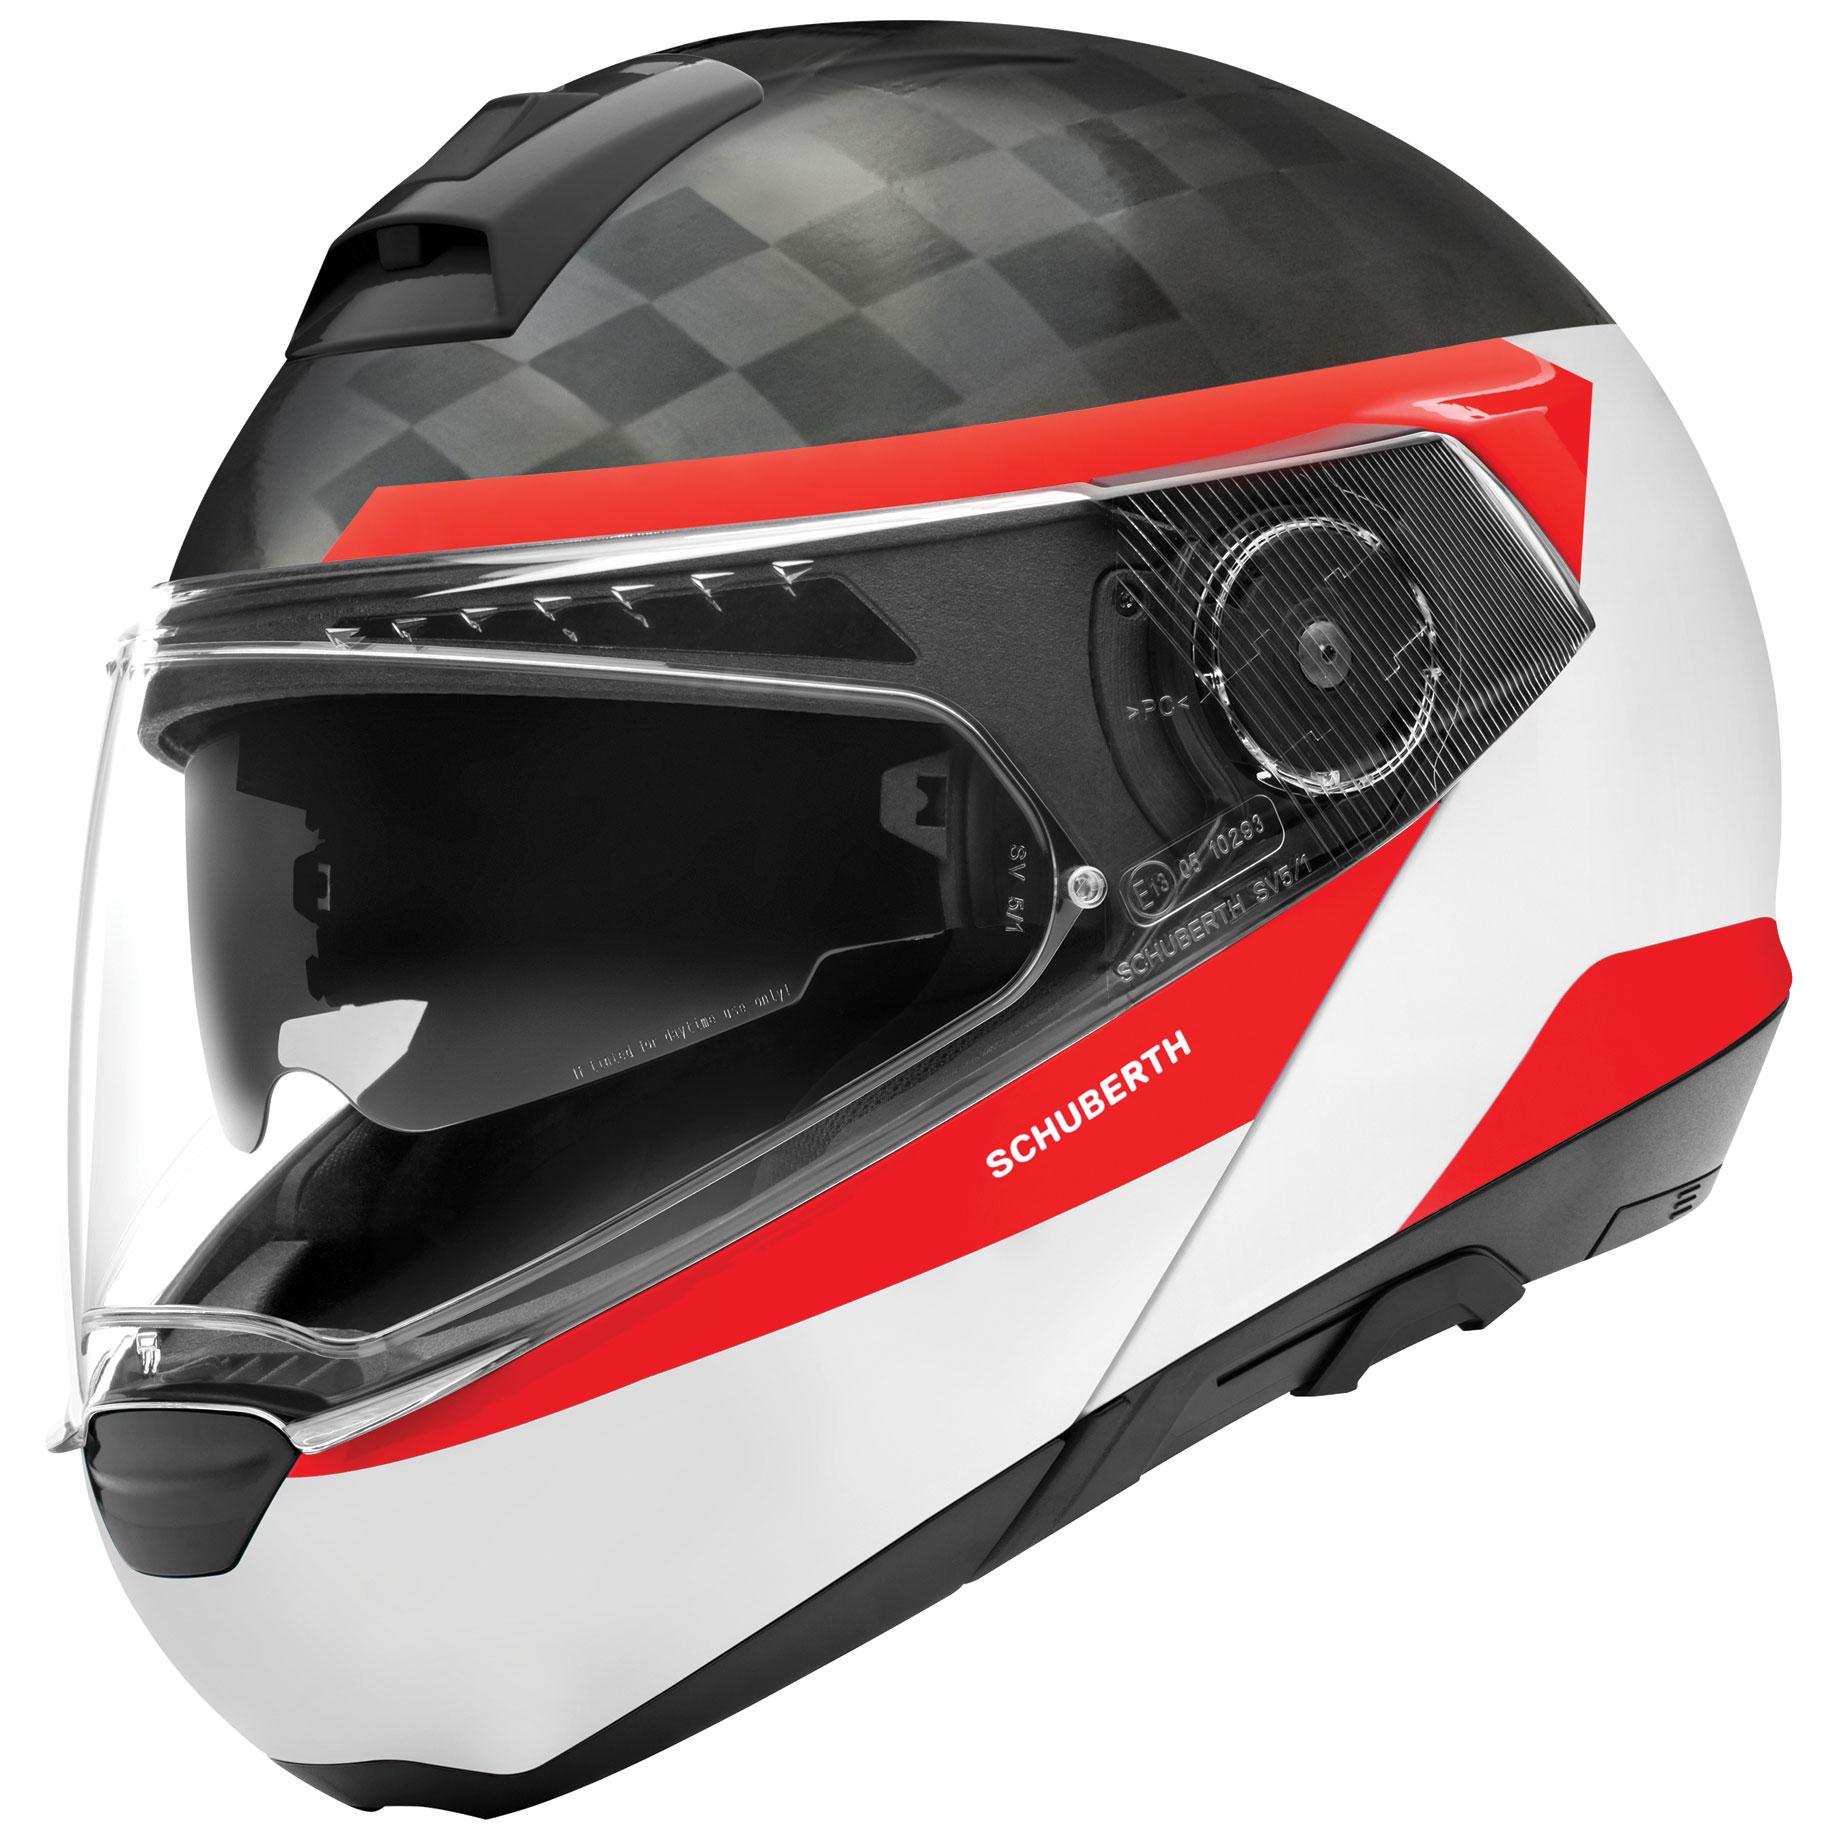 Schuberth C4 Pro Carbon Delta White Modular Helmet